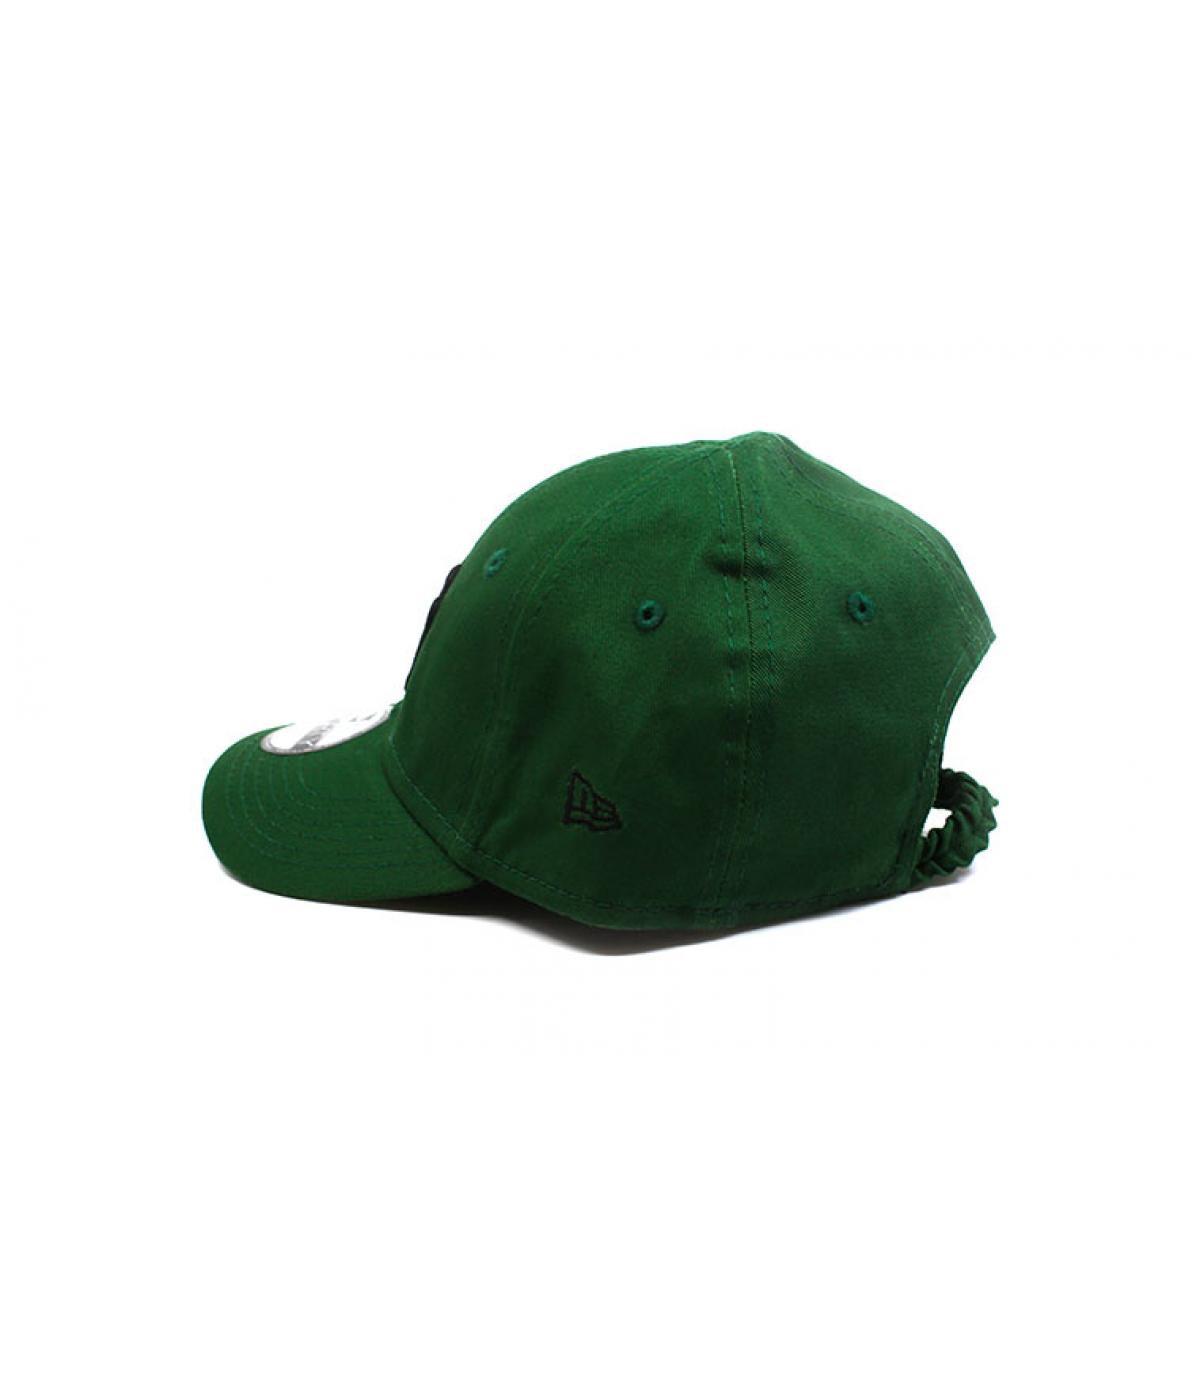 Détails Casquette bébé League Ess NY green black - image 4